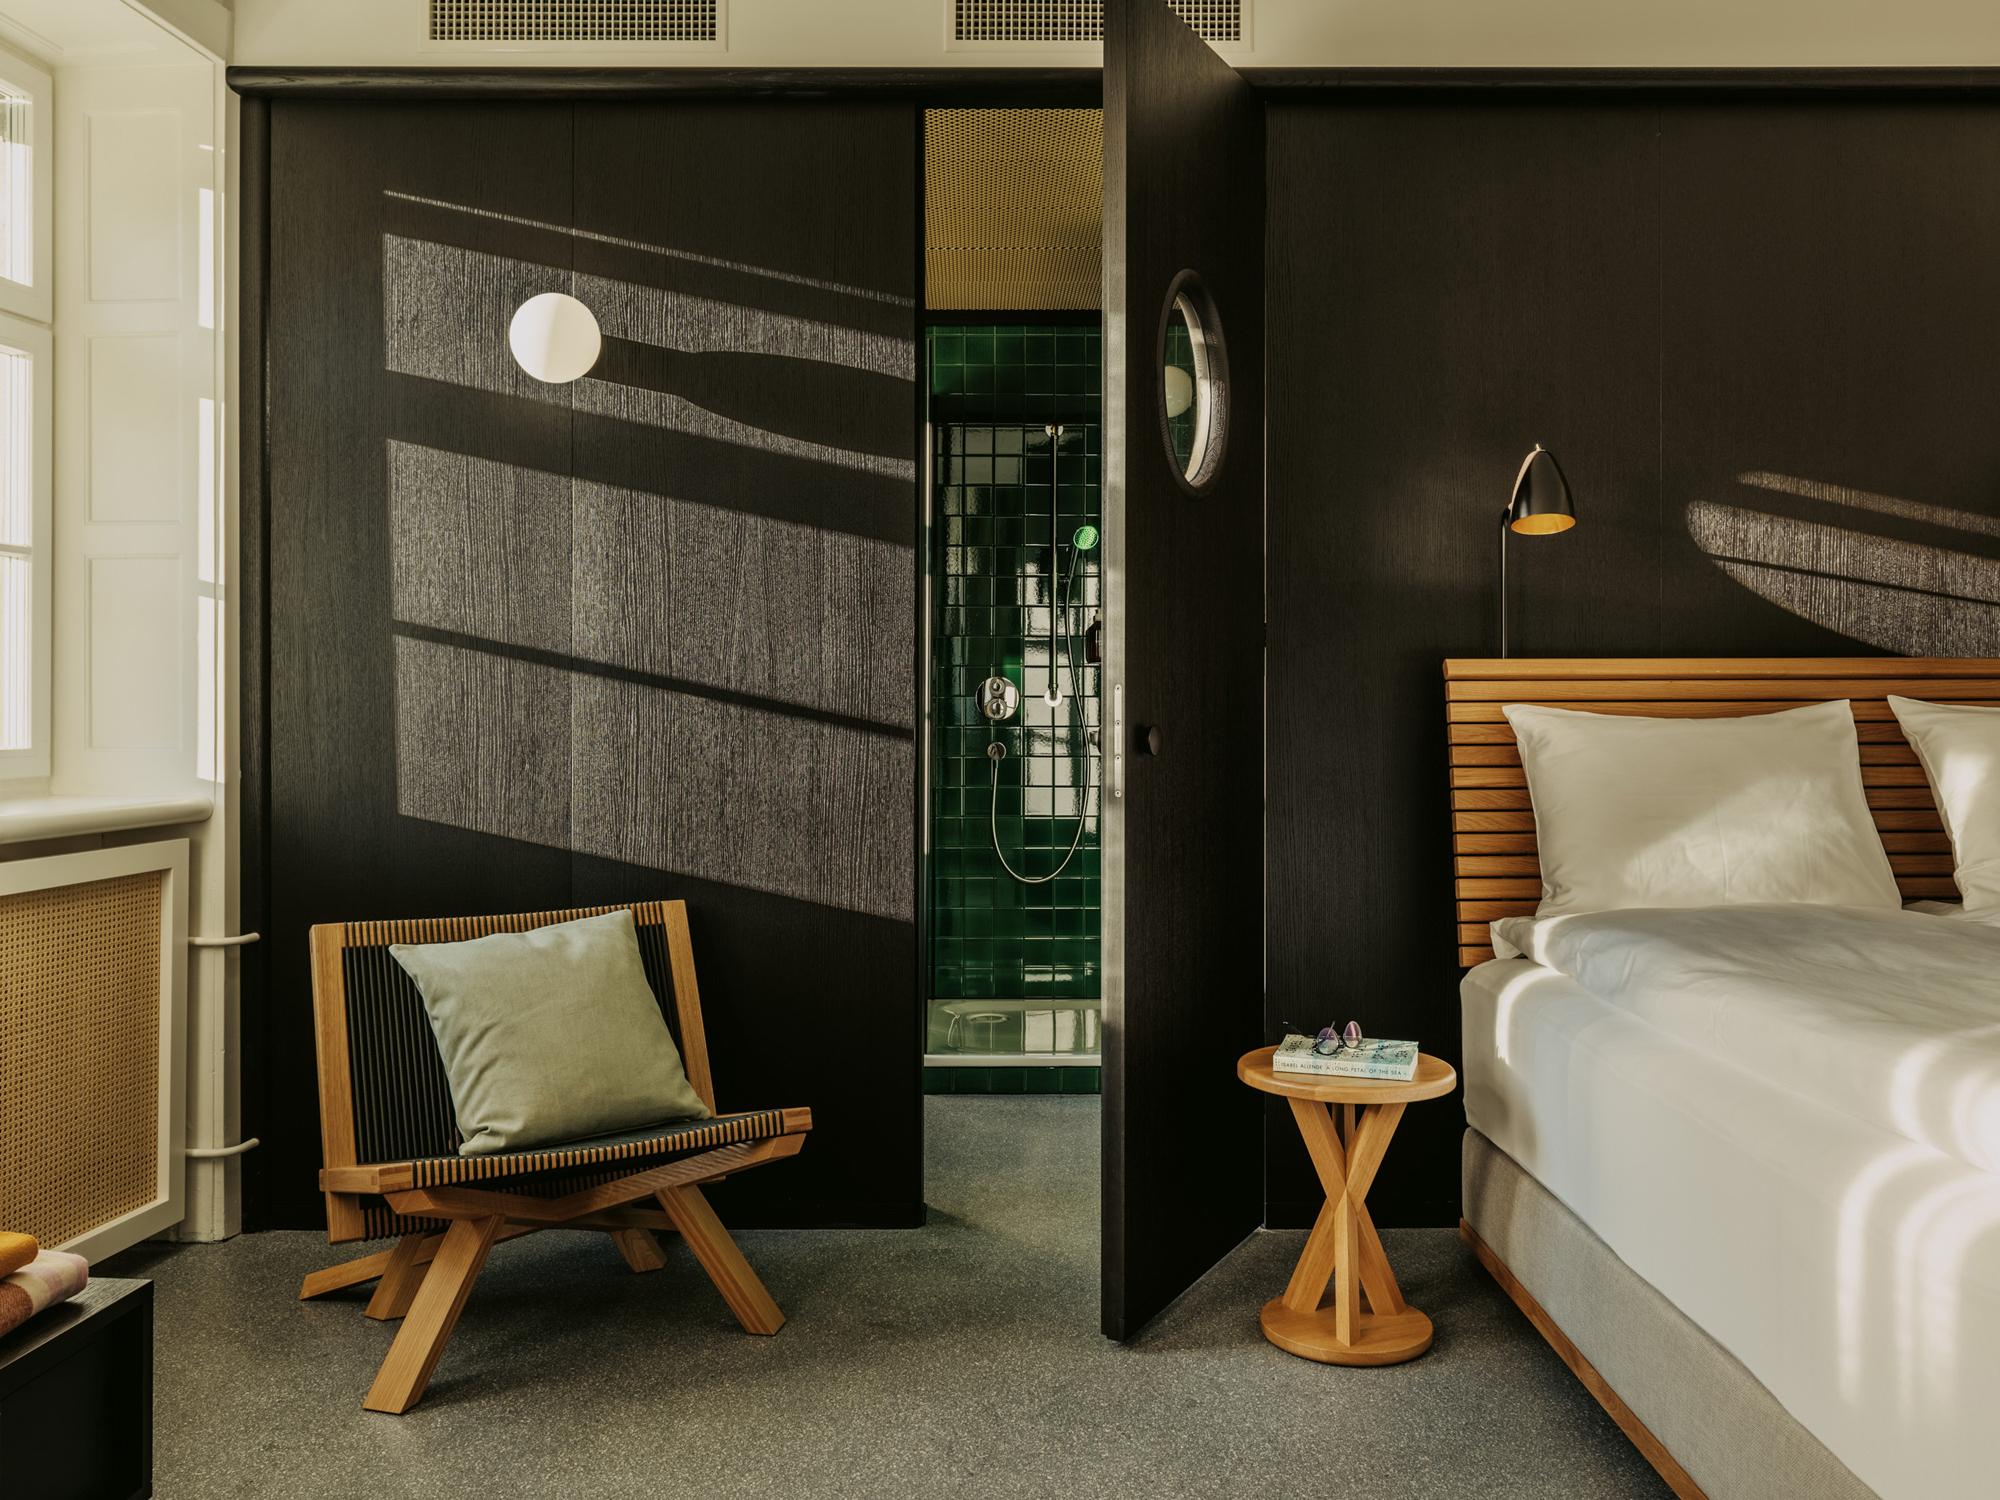 Während die Gäste in der Dusche stehen, können sie durch ovale Türöffnungen ins Zimmer und durch die dortigen Fenster hinaus ins Freie blicken.